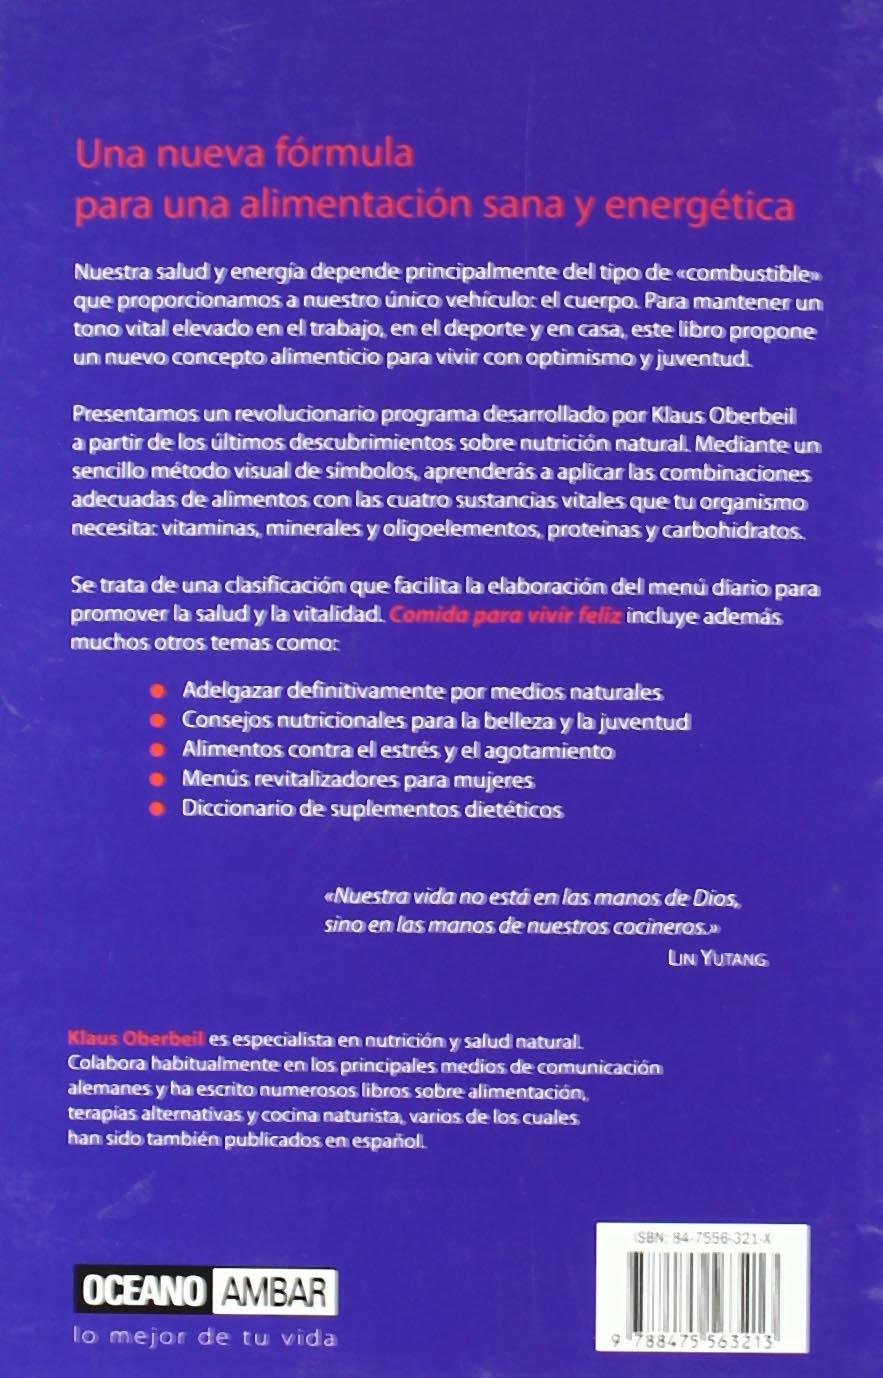 Comida Para Vivir Feliz (Salud Y Vida Natural) (Spanish Edition): Klaus Oberbeil: 9788475563213: Amazon.com: Books